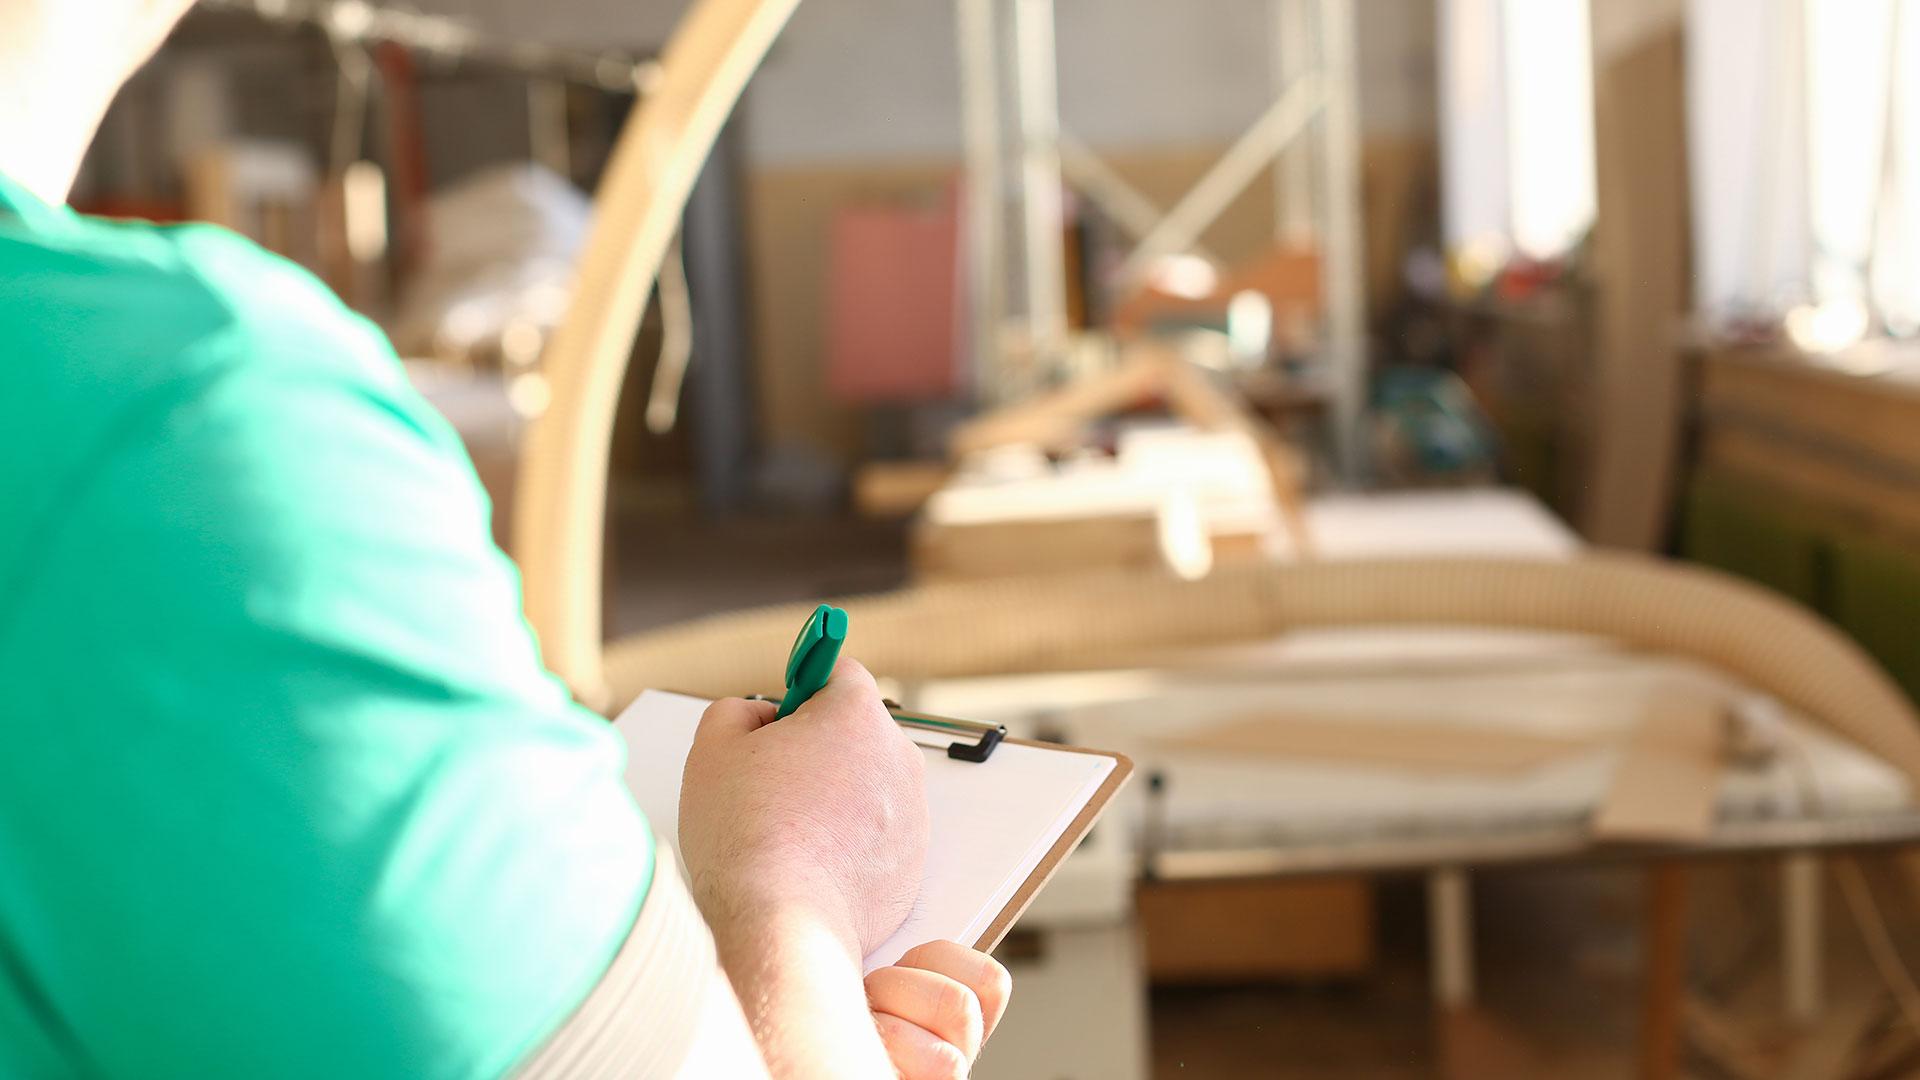 Скачать шаблон договора подряда наизготовление конструкции